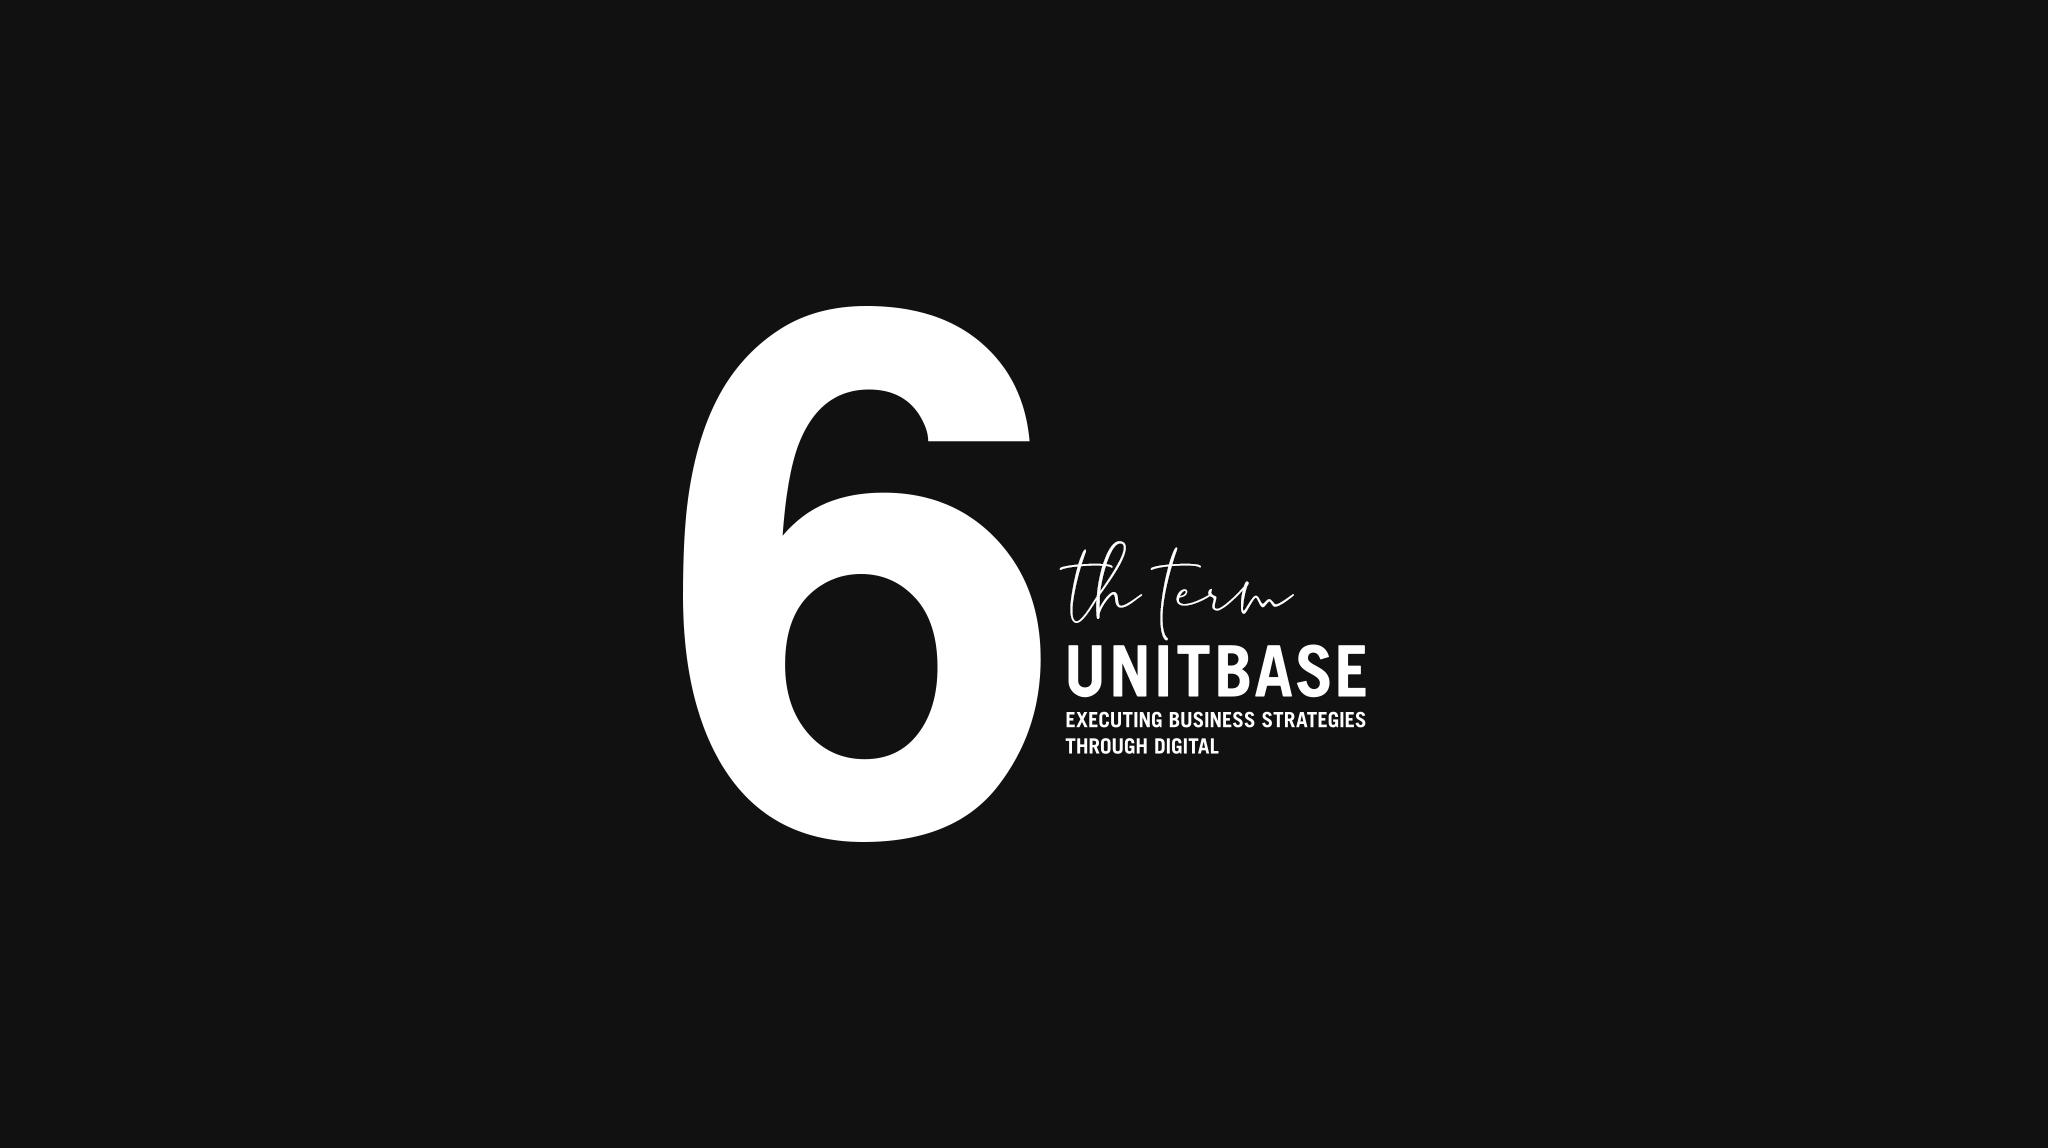 UNITBASE 2018 KICKOFFの画像